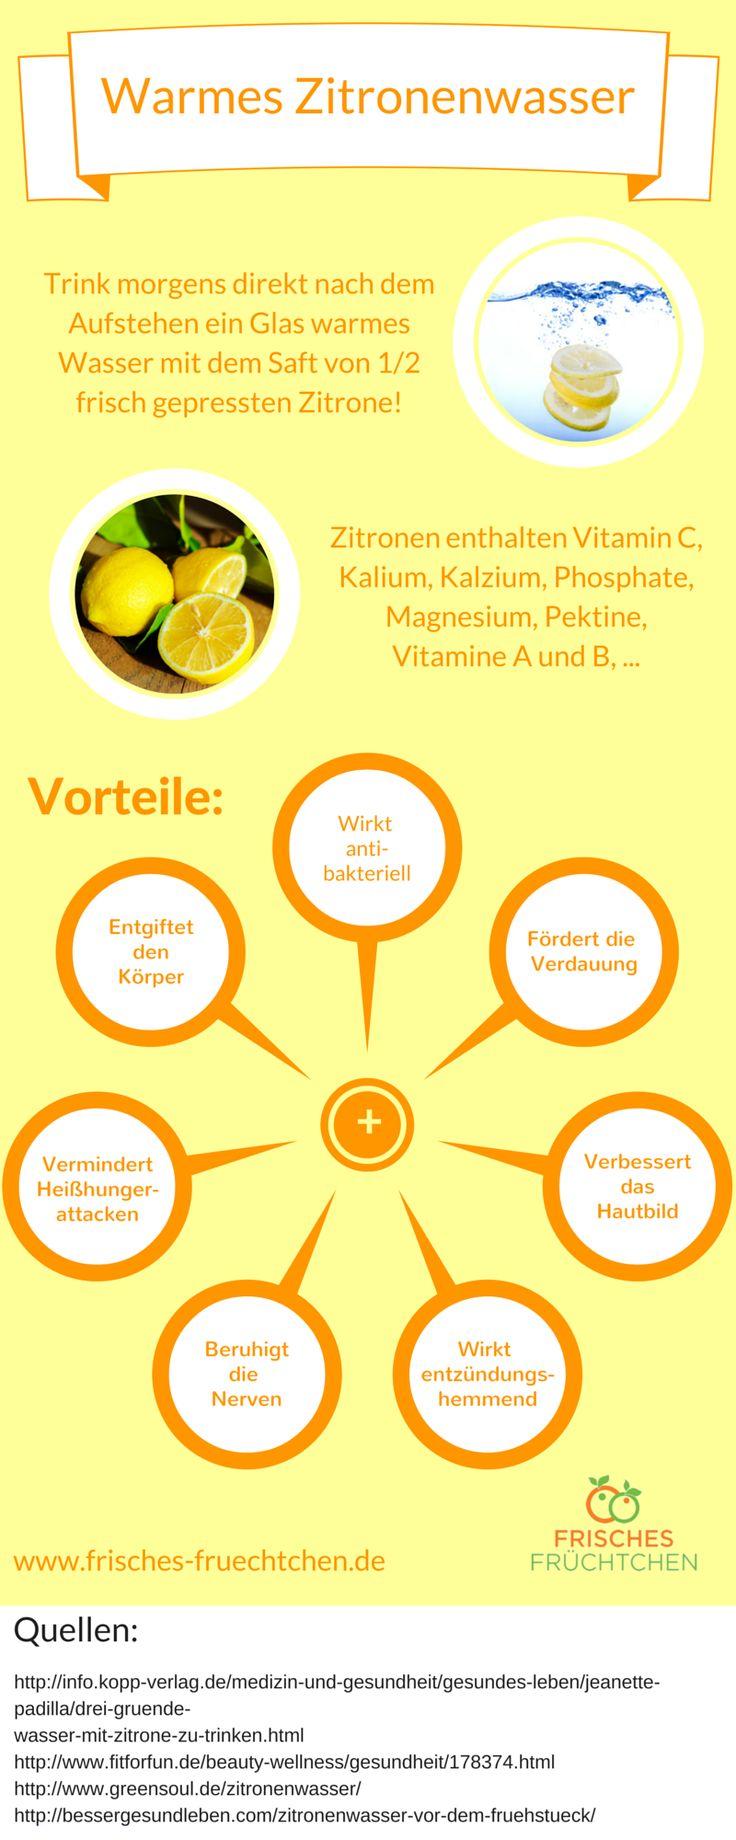 """Vorteile von warmen Zitronenwasser - auch wenn sich bei der Quellenangabe """"Kopp-Verlag"""" ein leichtes Würgen einstellt..."""